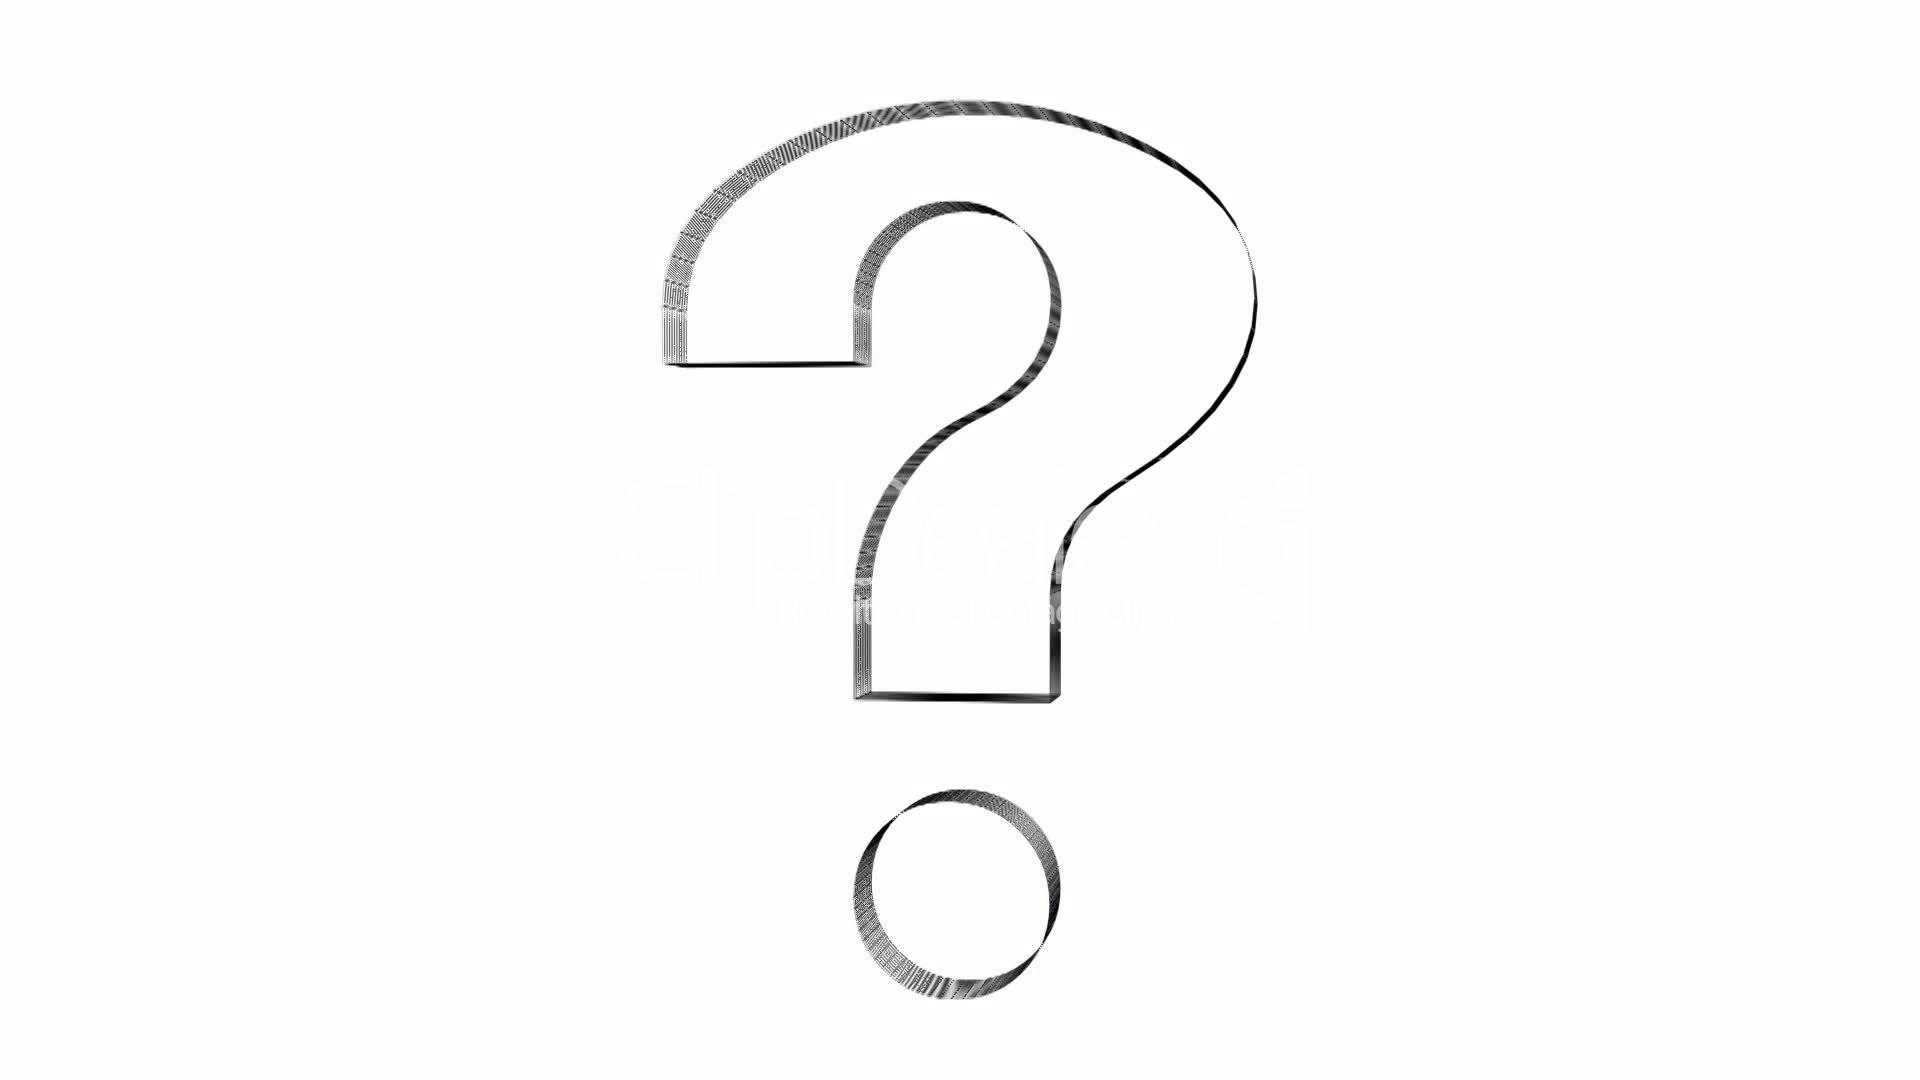 Rakipler İçin SEO Analizi Nasıl Yapılır?